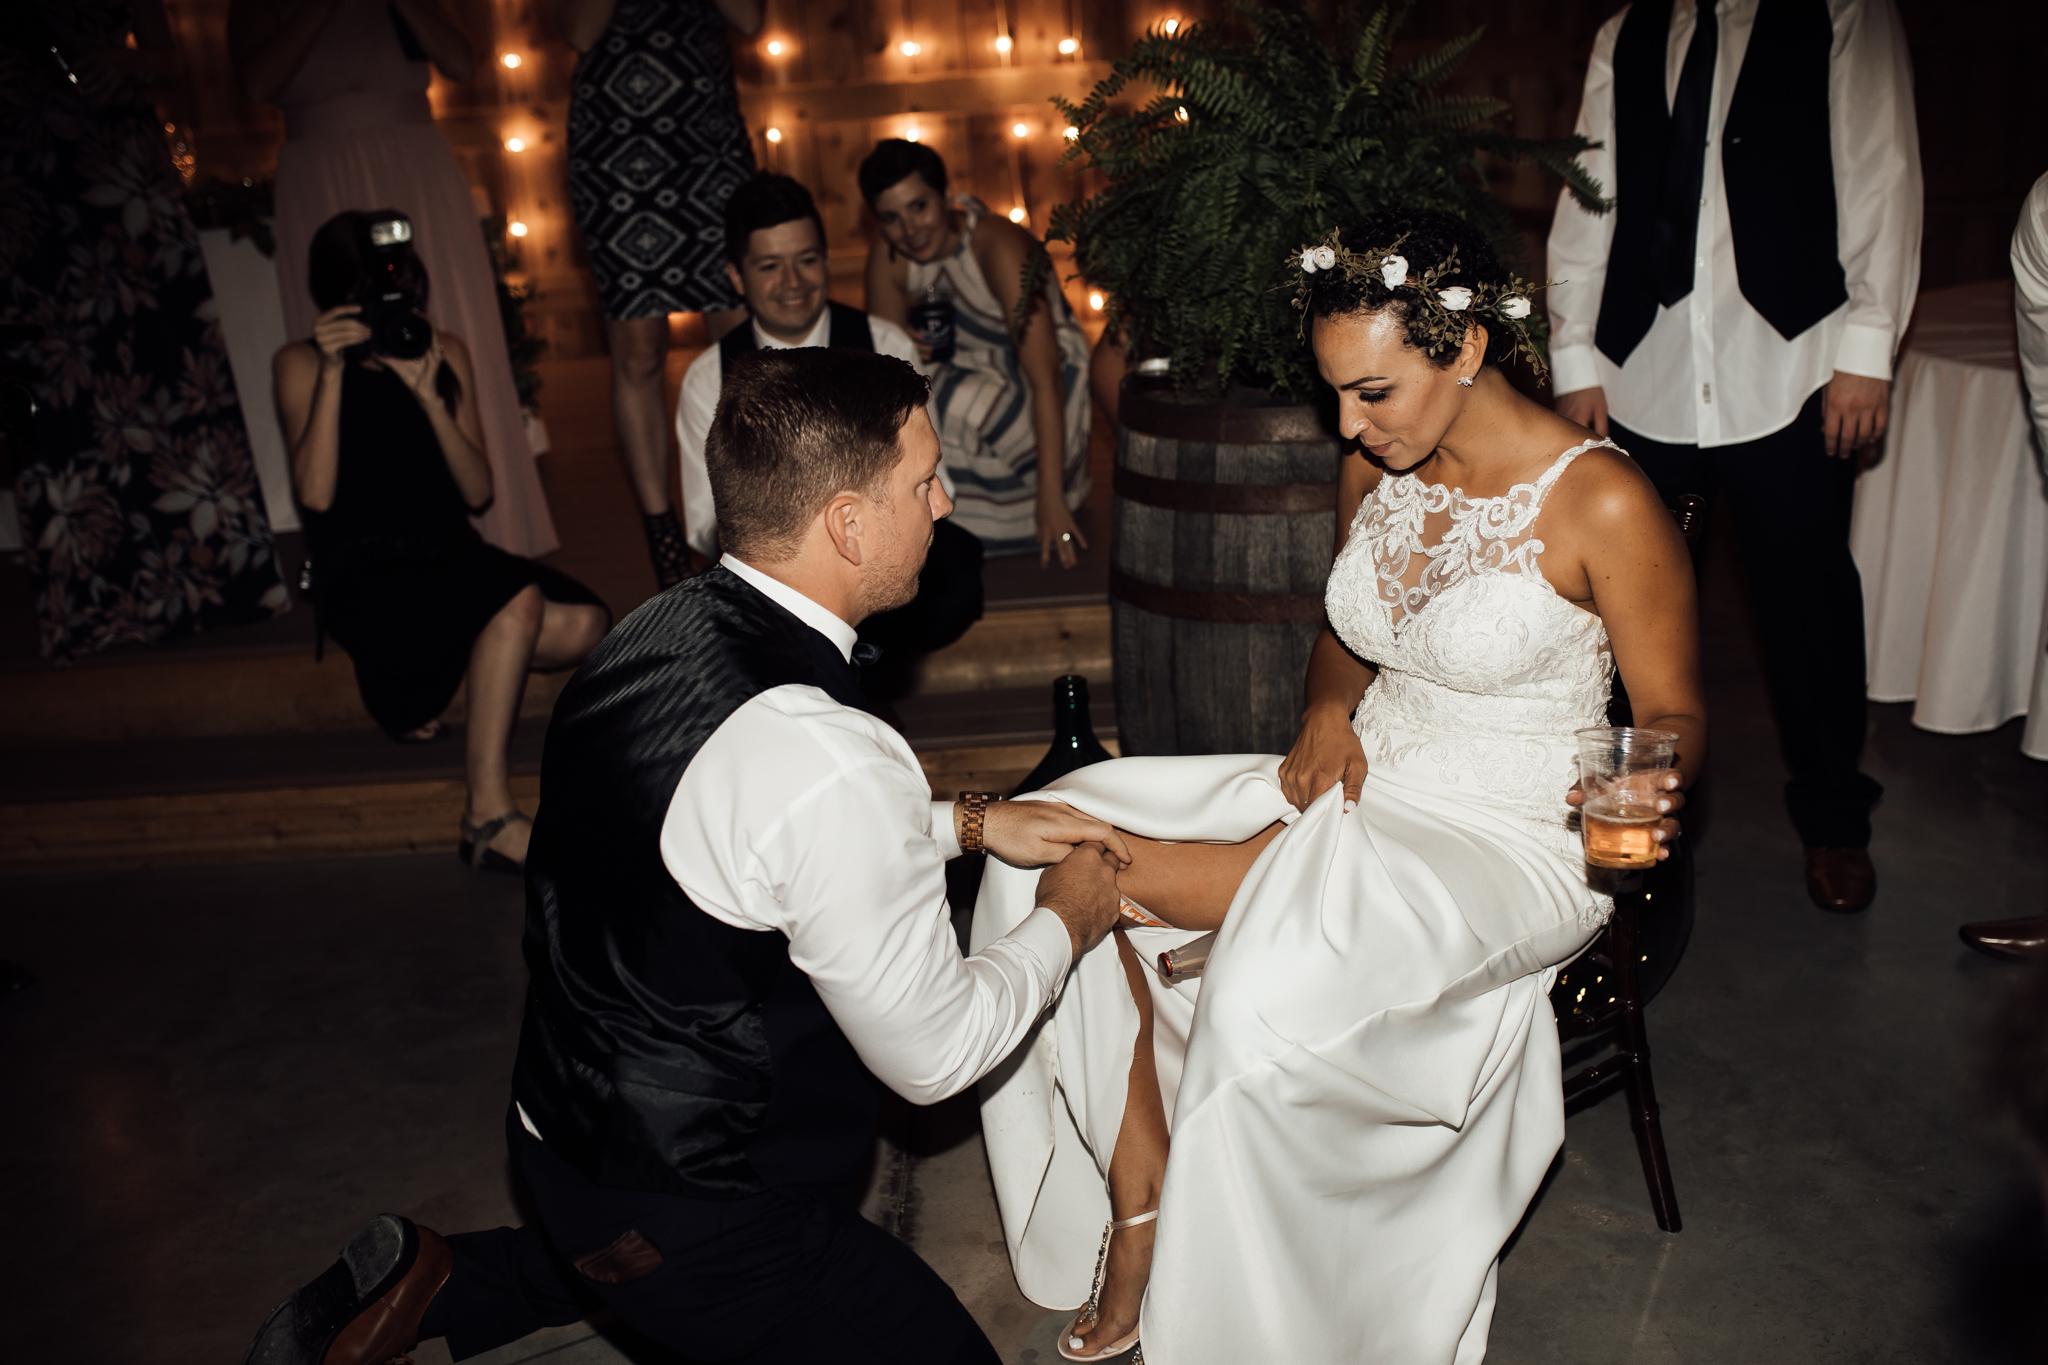 saddlewoodsfarms-nashville-wedding-photographer-thewarmtharoundyou-rustic-wedding (231 of 251).jpg